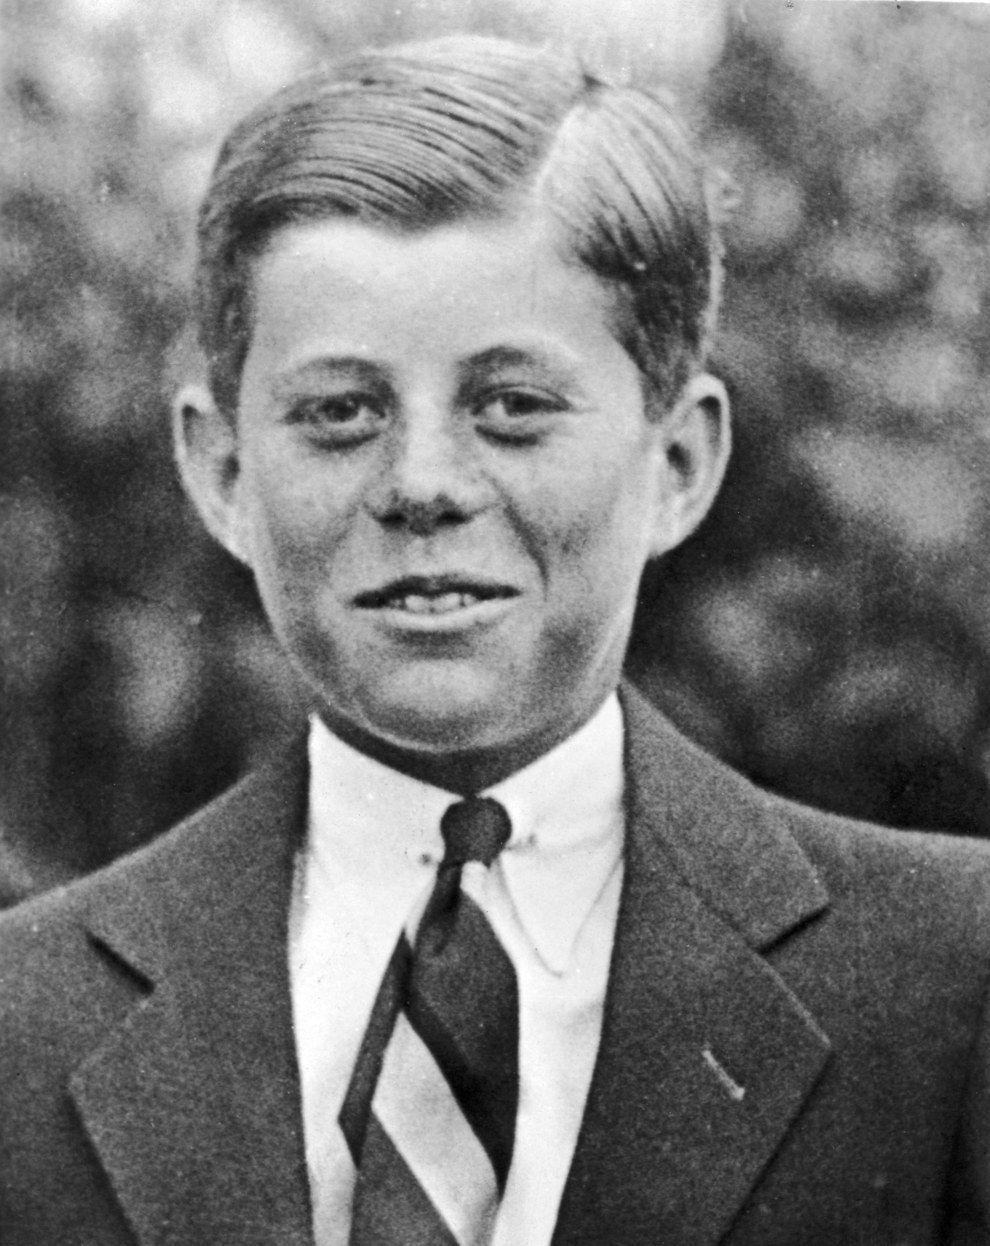 JFK datant de l'histoiregratuit Cougar Dating sites Royaume-Uni